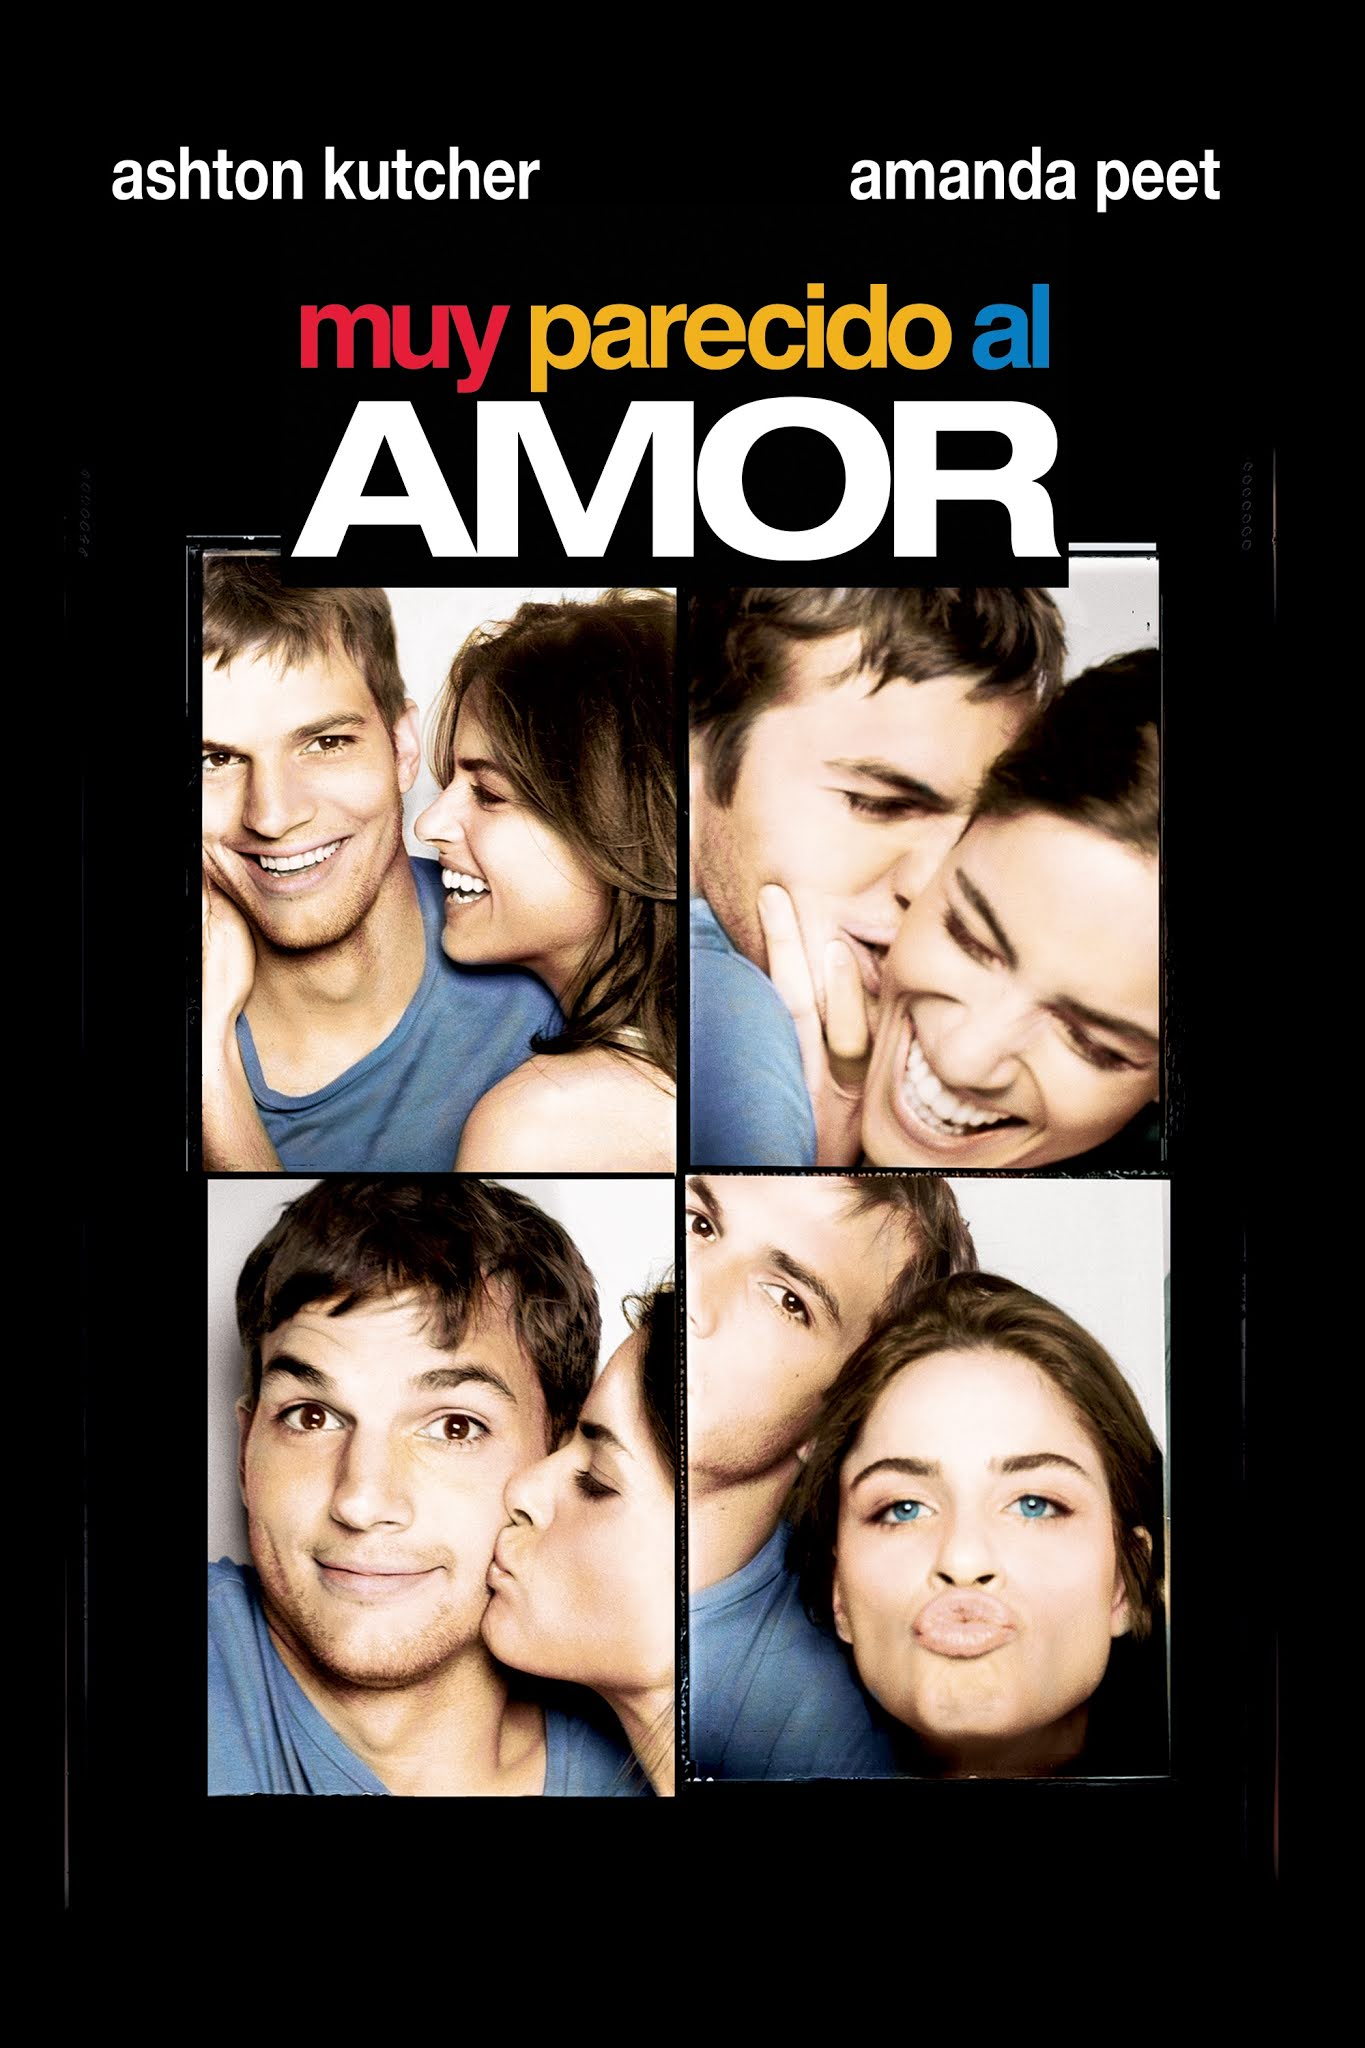 Muy parecido al amor (2005) Full HD 1080p Latino